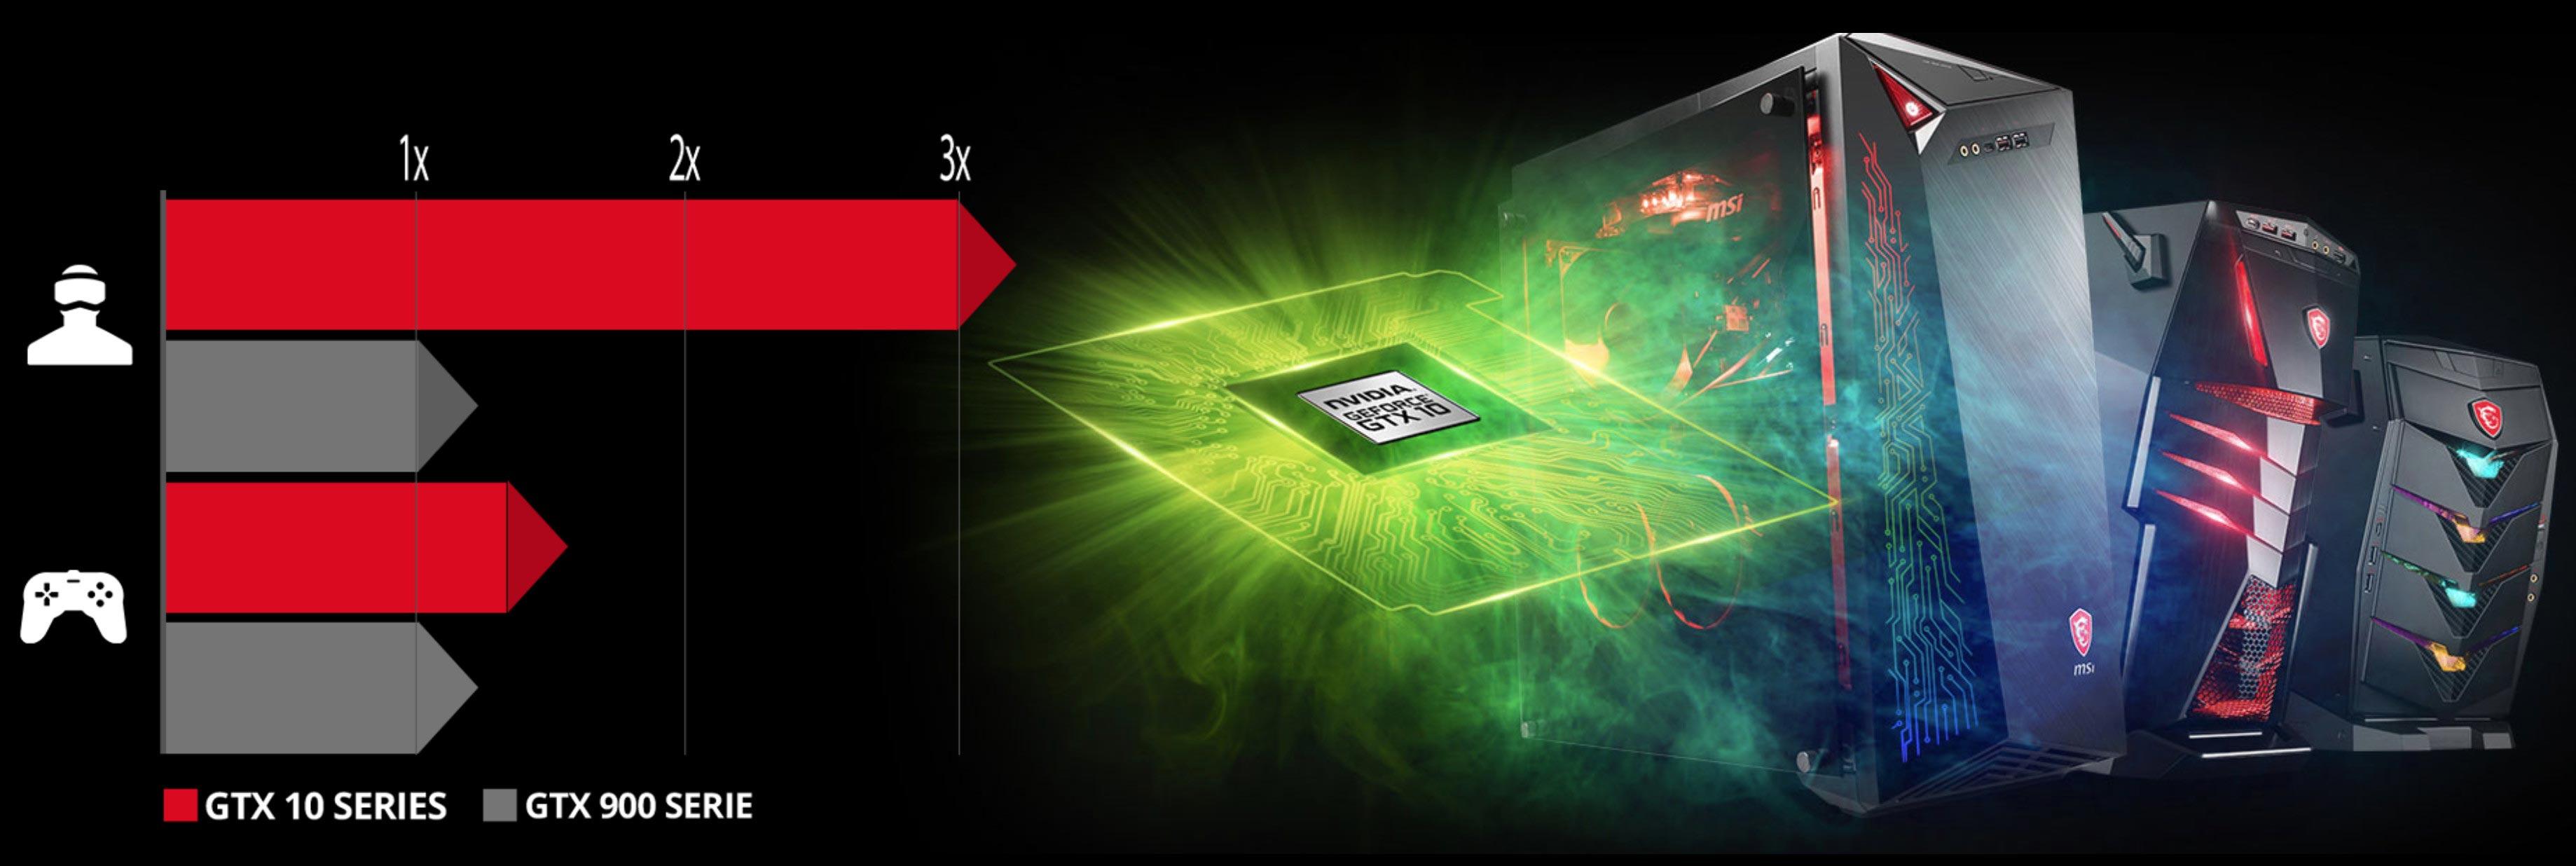 MSI Aegis 3 Core i5-8400 8GB 1TB + 128GB SSD GTX 1060 3GB Windows 10 Gaming  PC